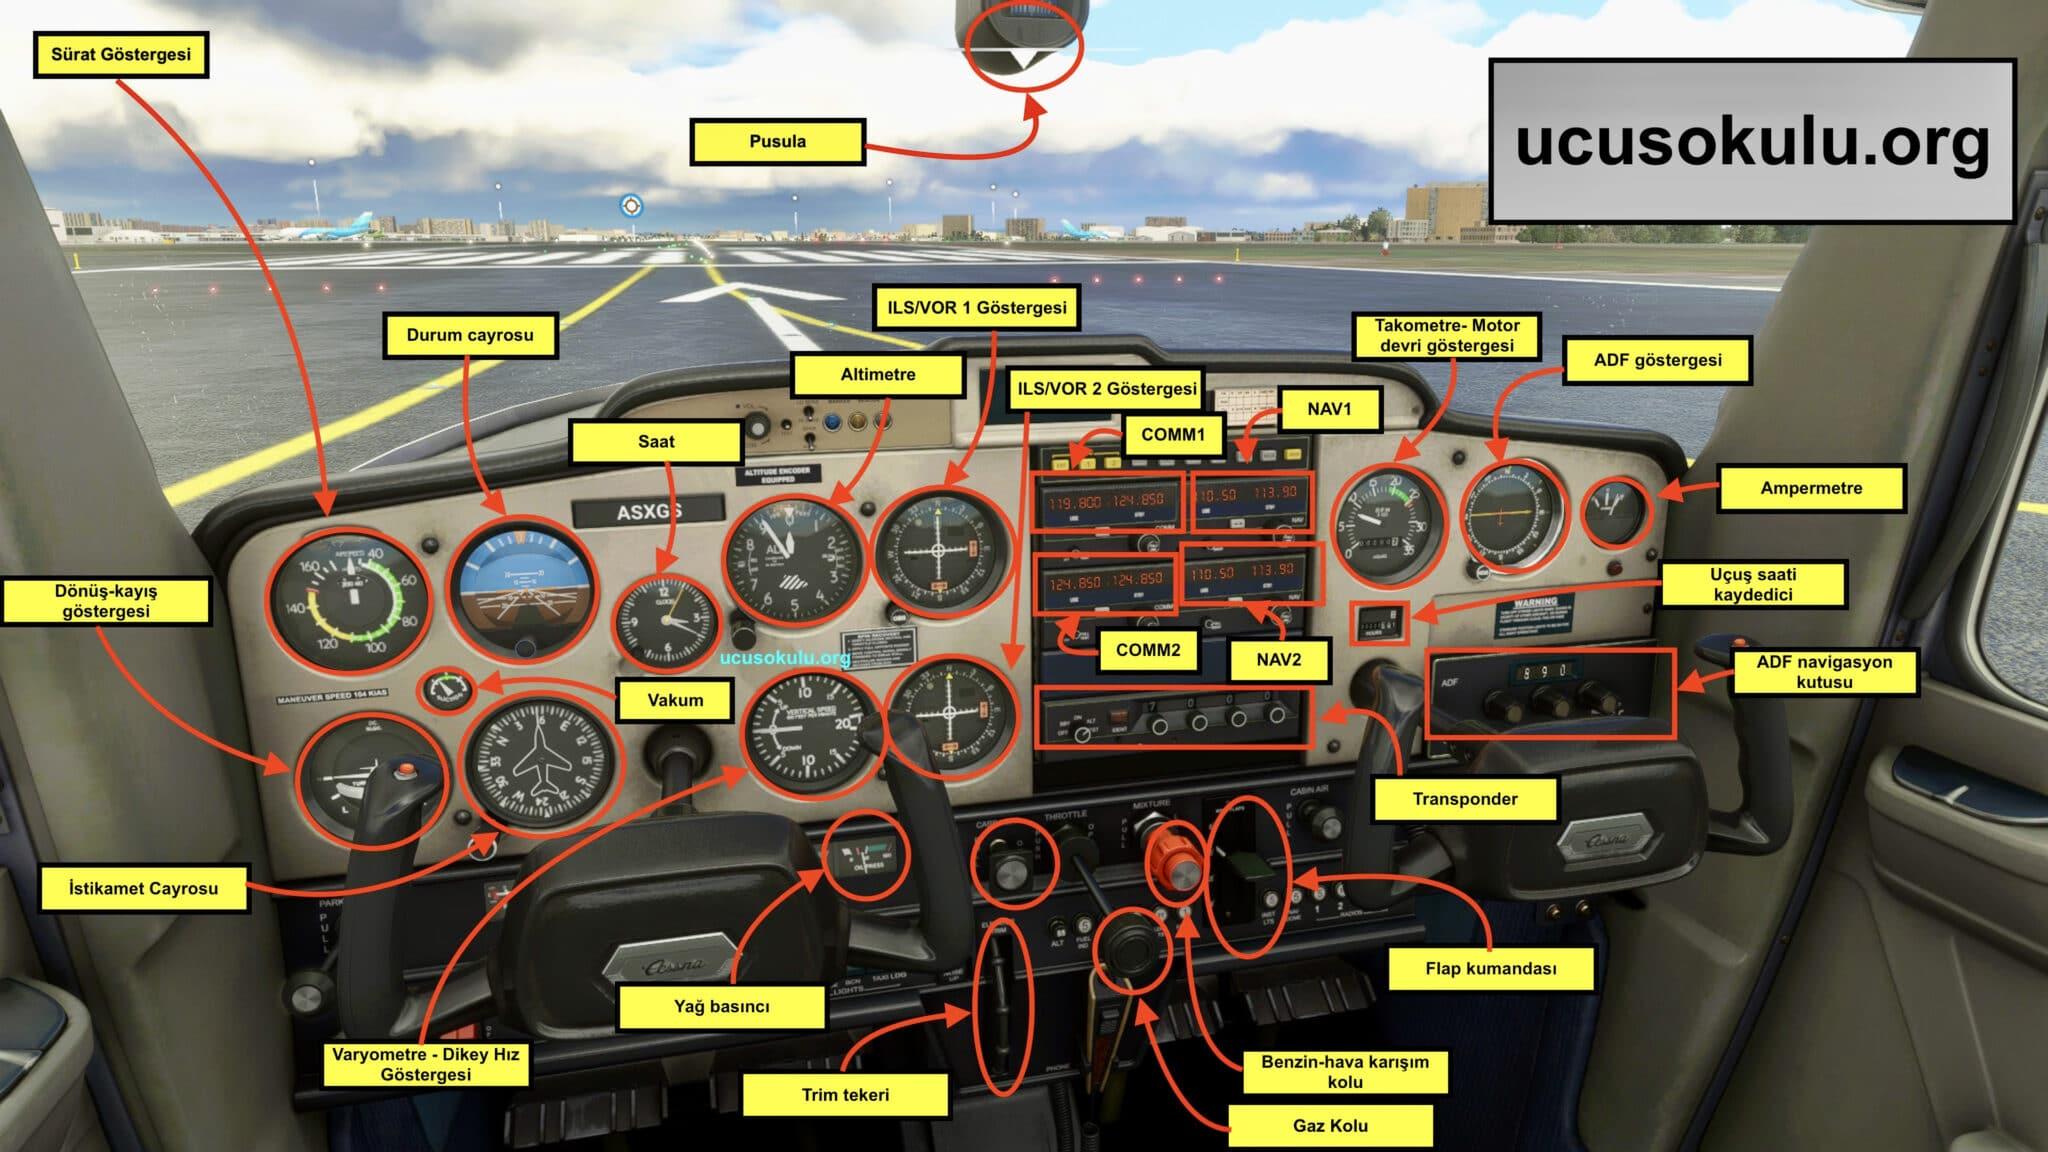 uçak bordo aletleri ve göstergeleri